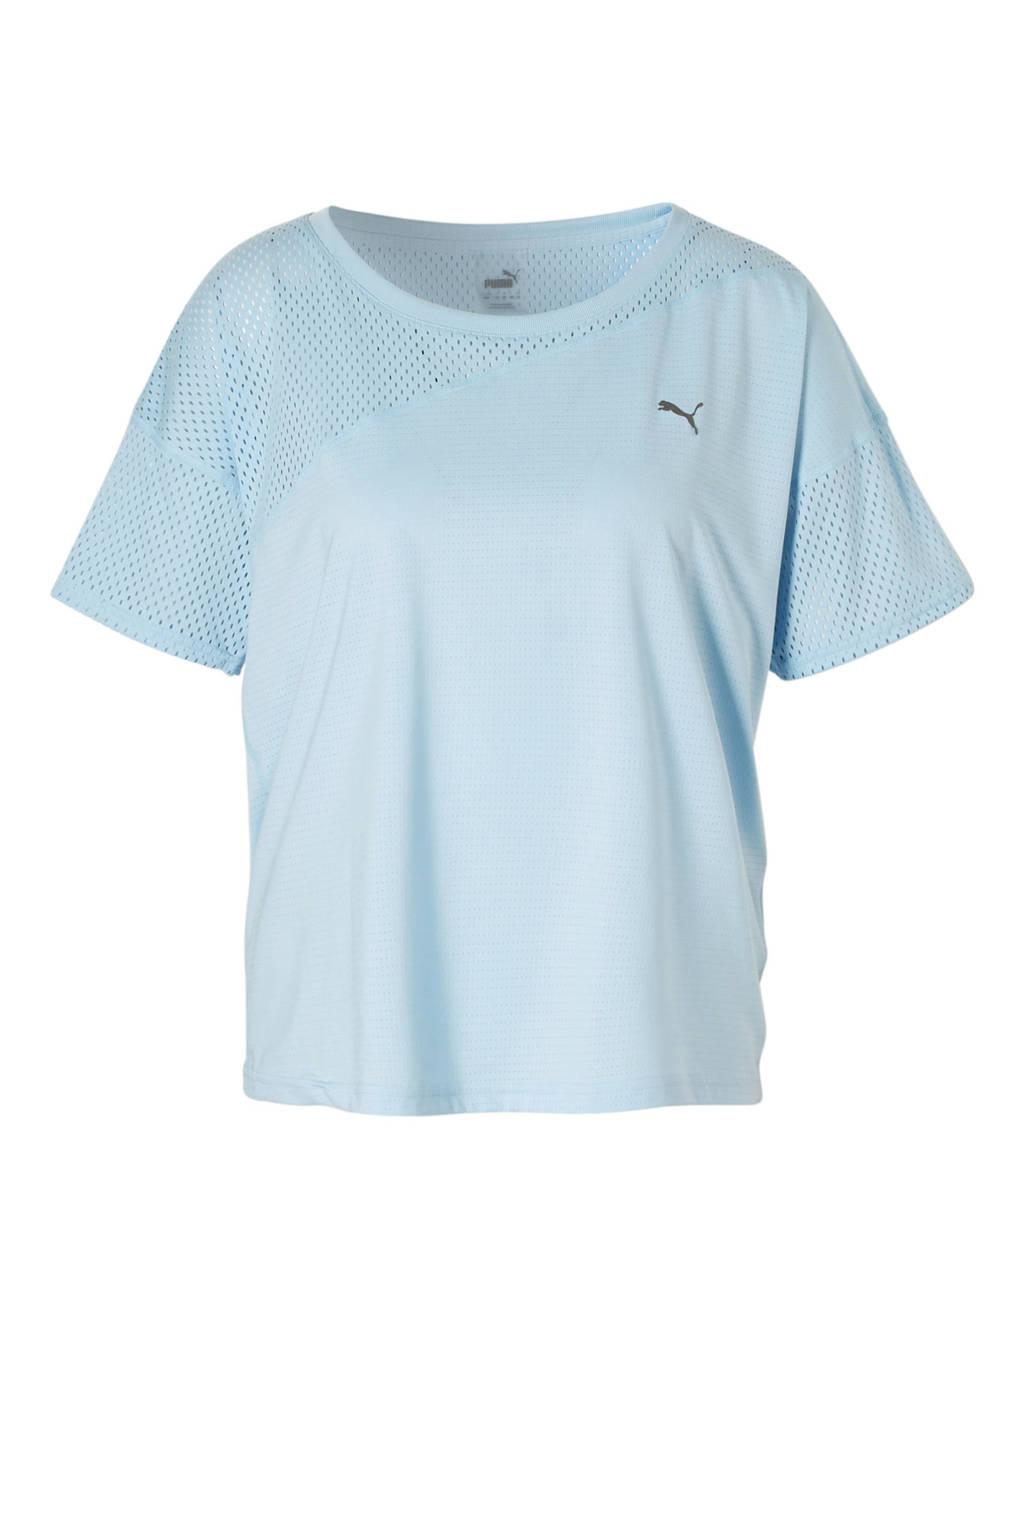 Puma mesh sport T-shirt lichtblauw, Lichtblauw